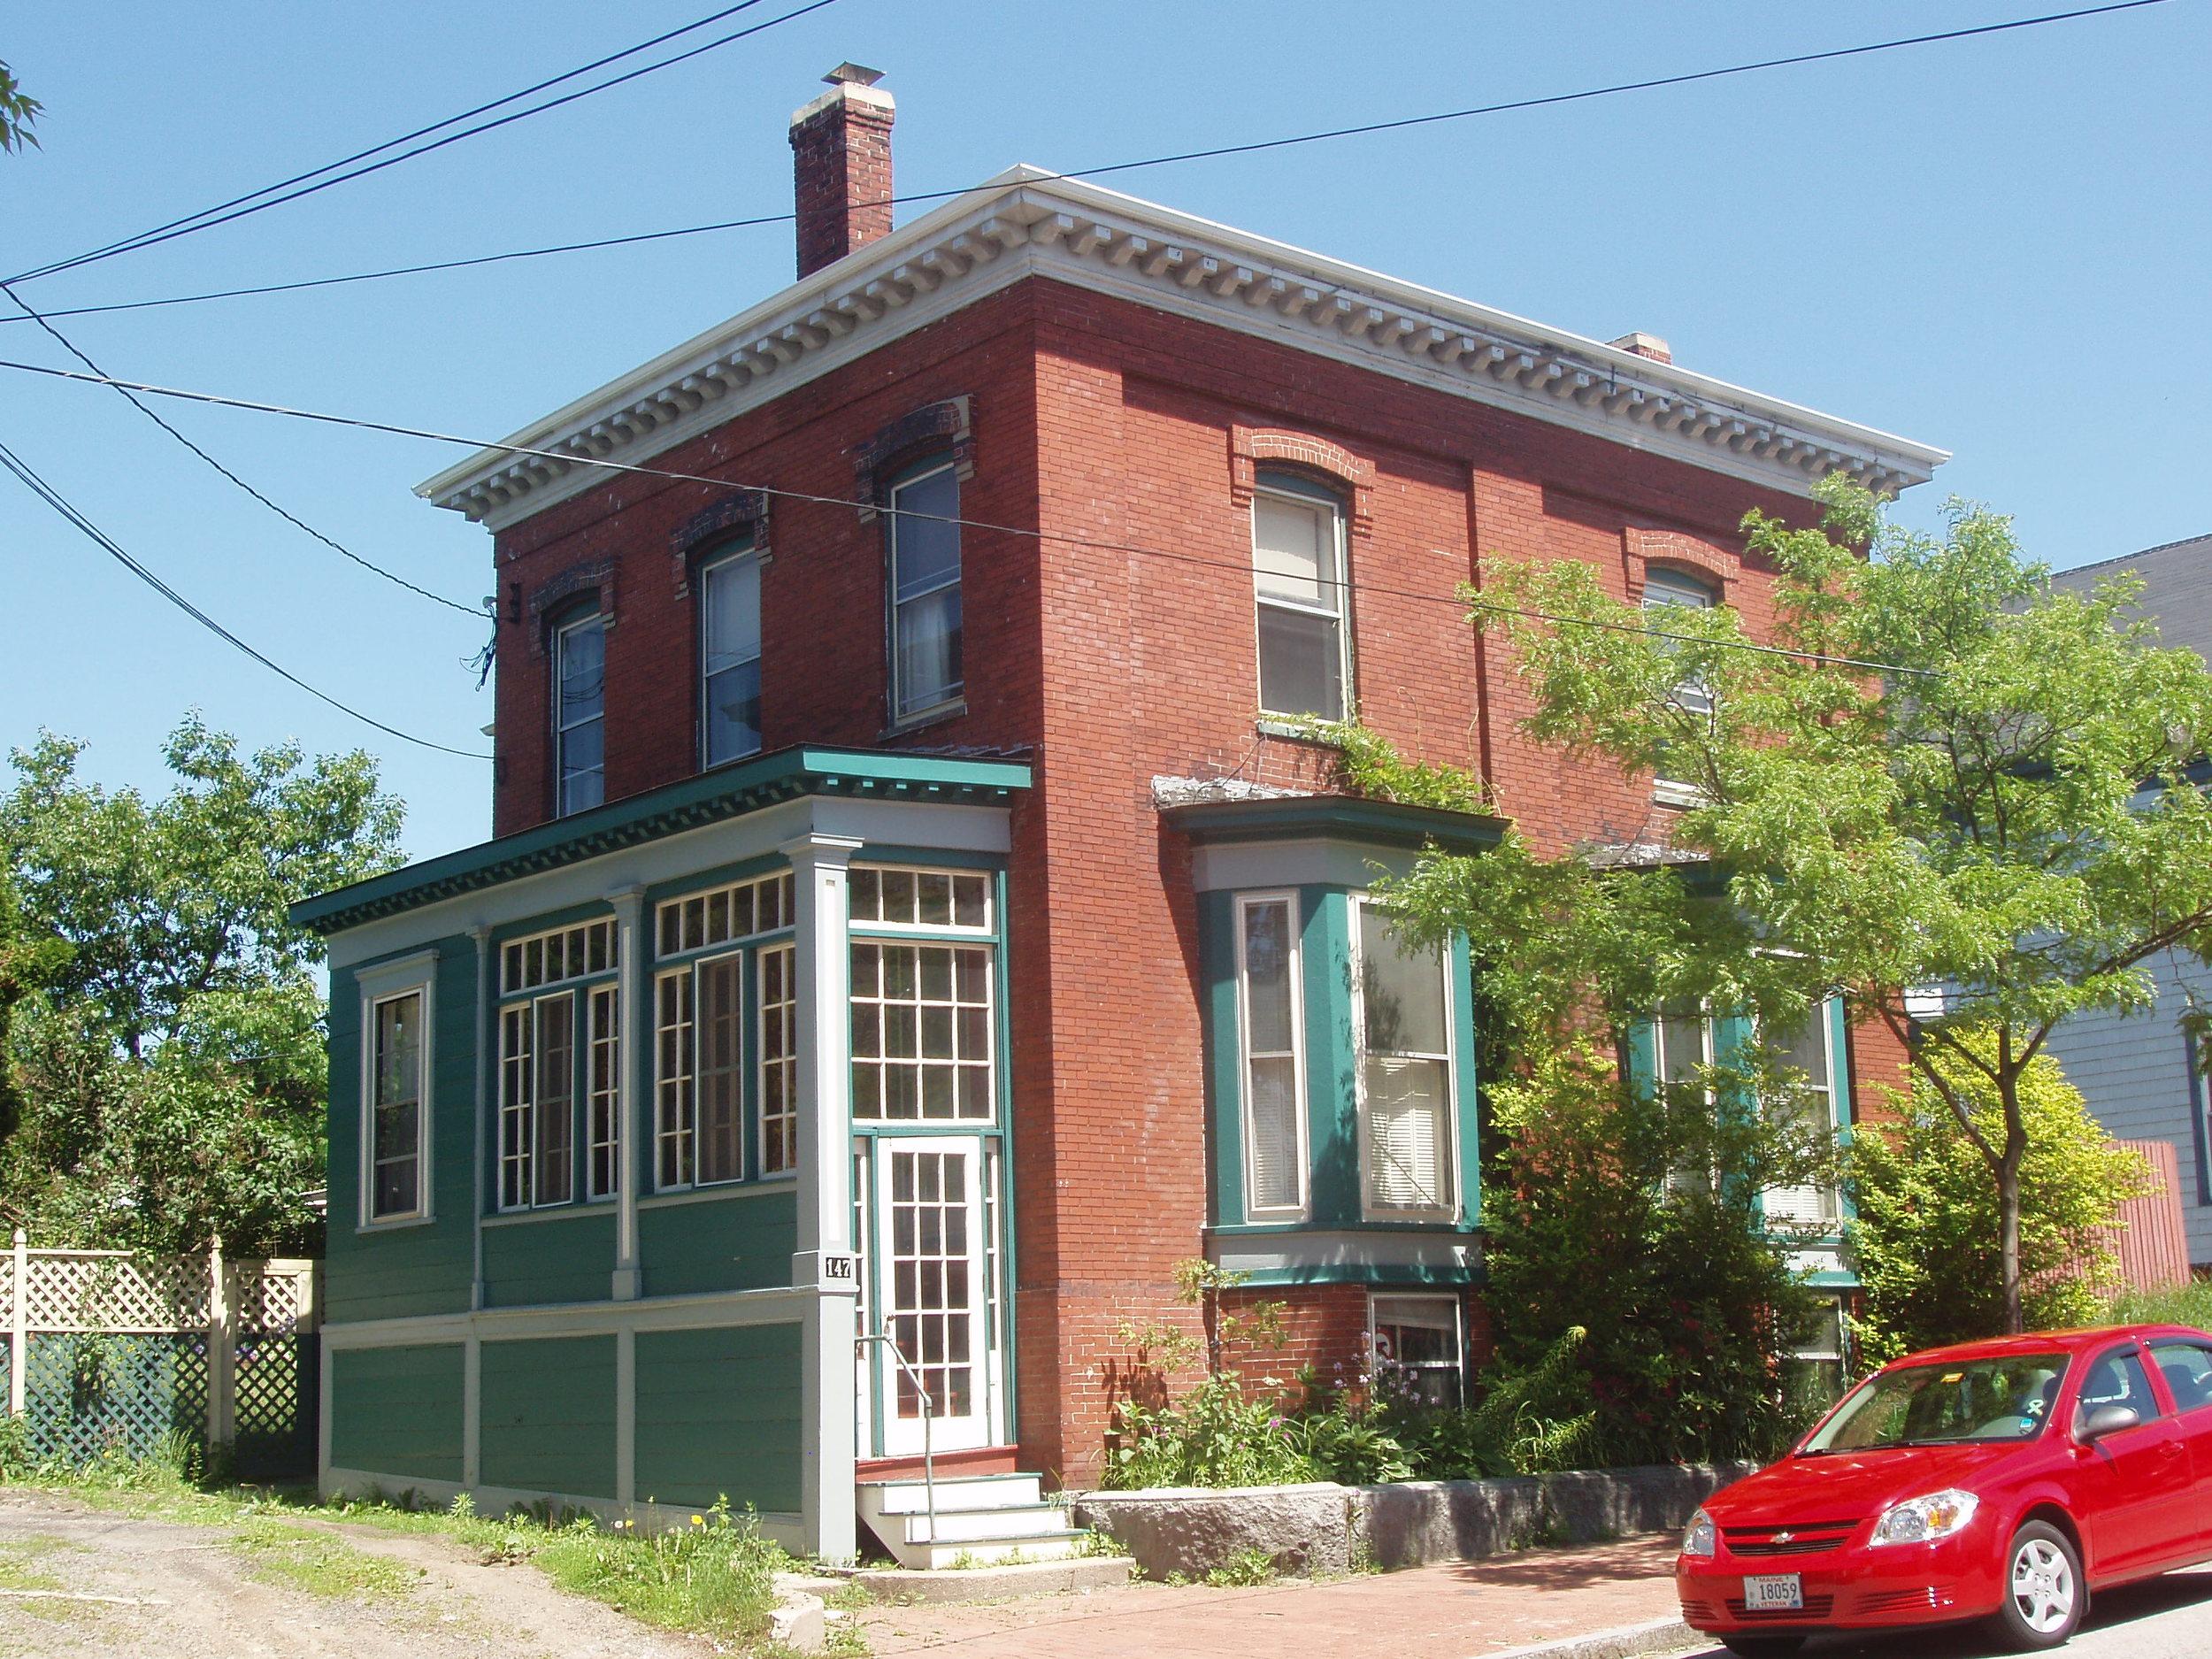 Ann Freeman House, 147 Congress Street- Built in 1857